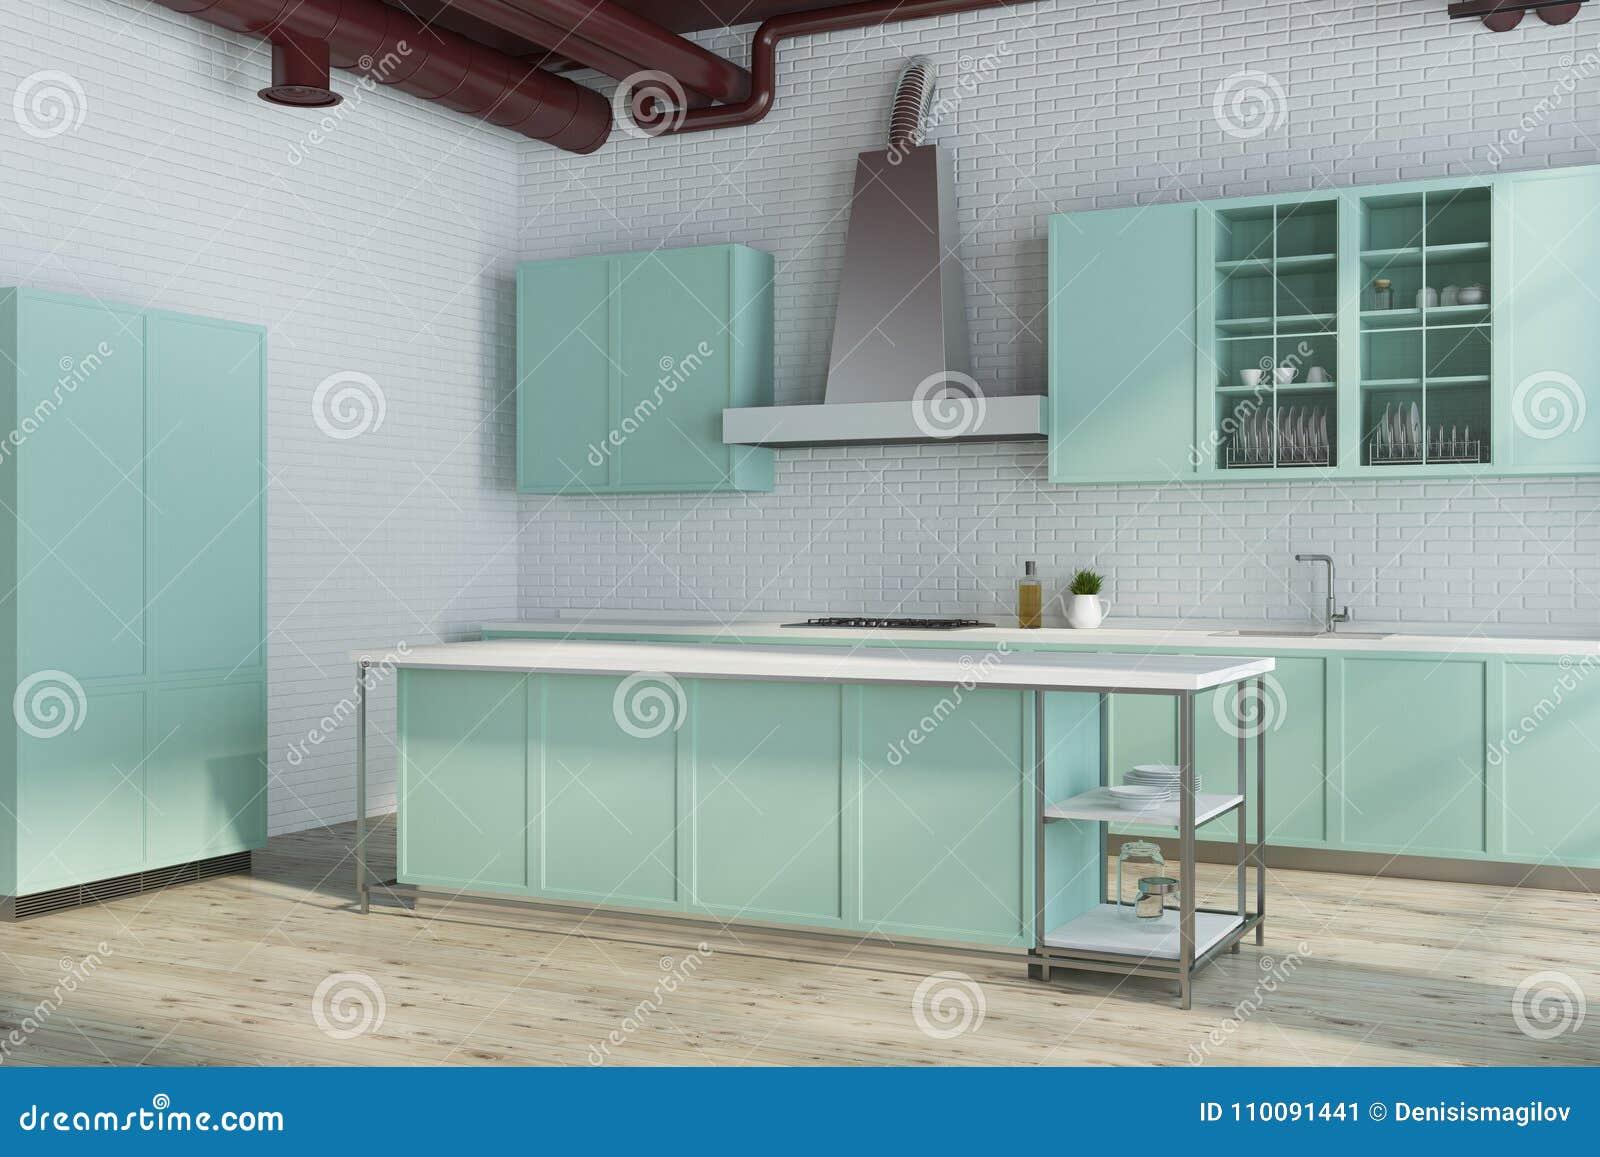 Modern White Kitchen Corner, Green Countertops